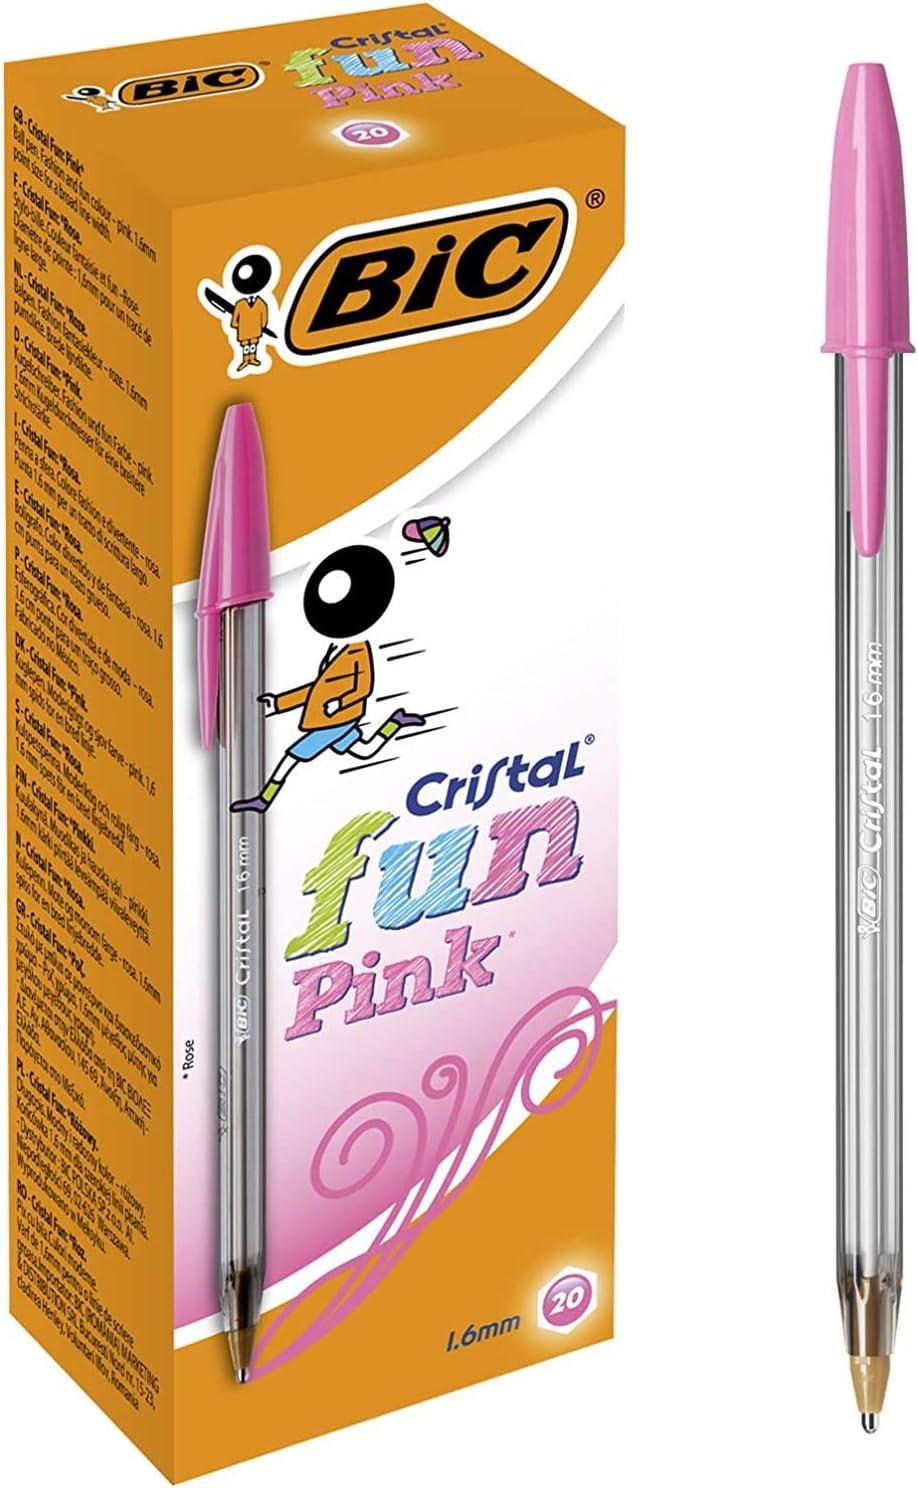 BIC Cristal Fun bolígrafos Punta Ancha (1,6 mm) – Rosa, Caja de 20 unidades: Amazon.es: Oficina y papelería